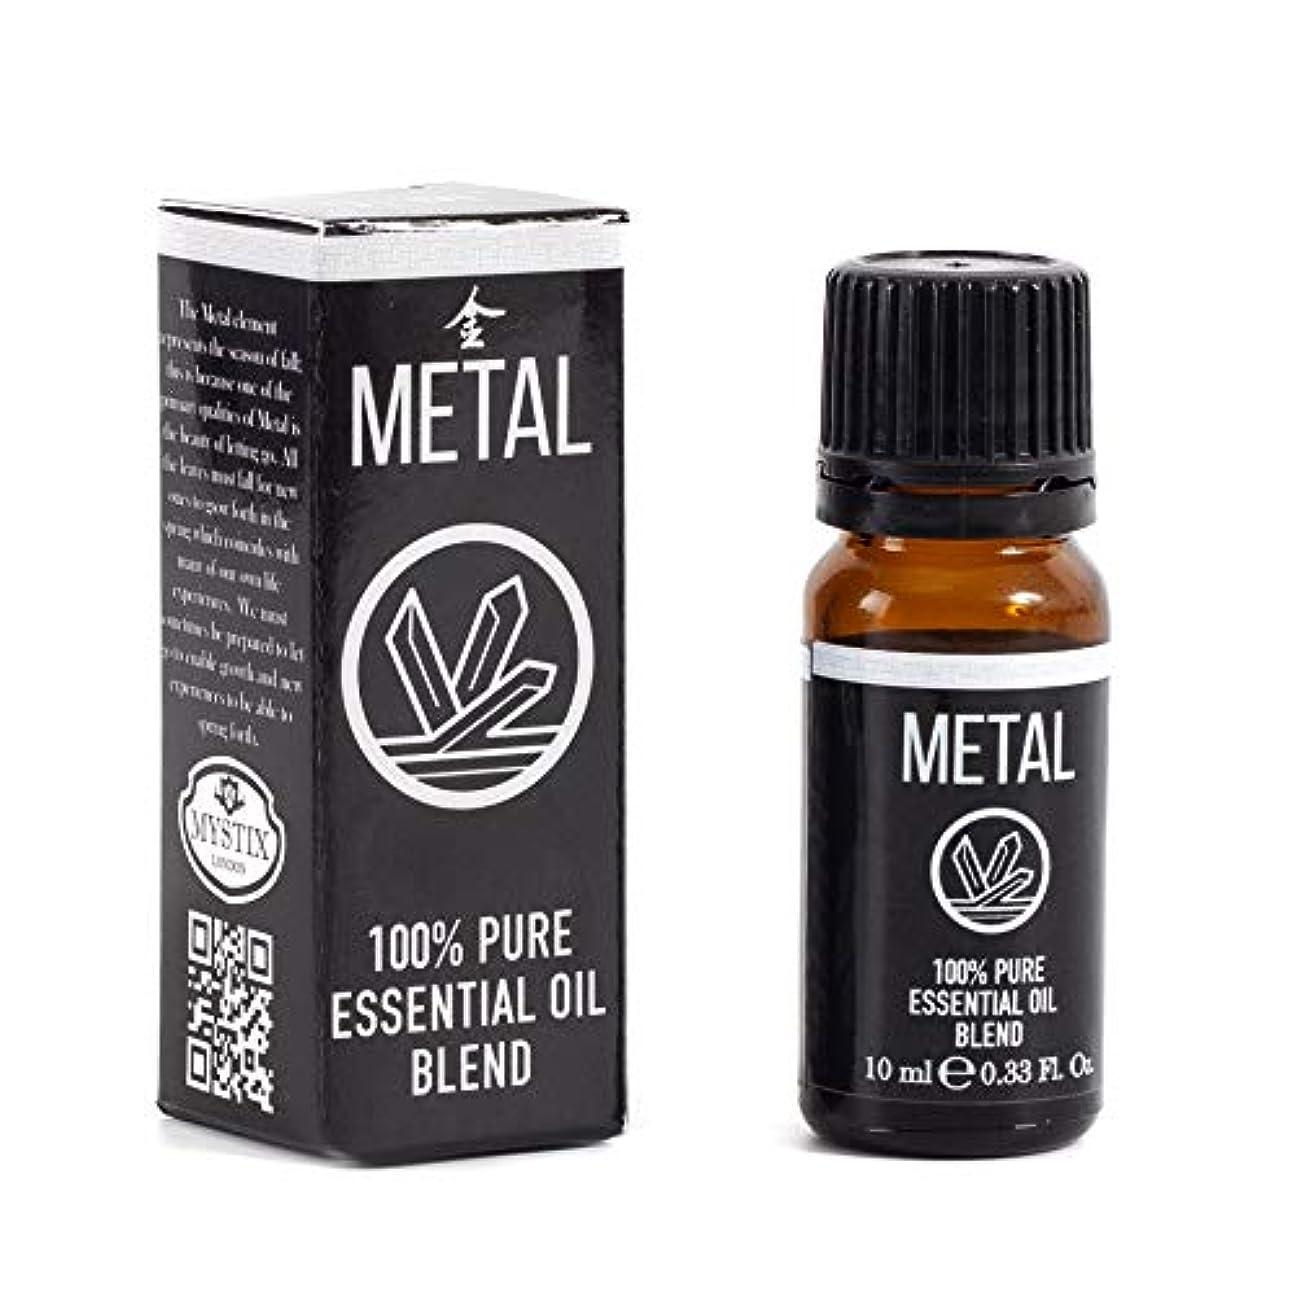 詐欺師始まり愛されし者Mystix London | Chinese Metal Element Essential Oil Blend - 10ml